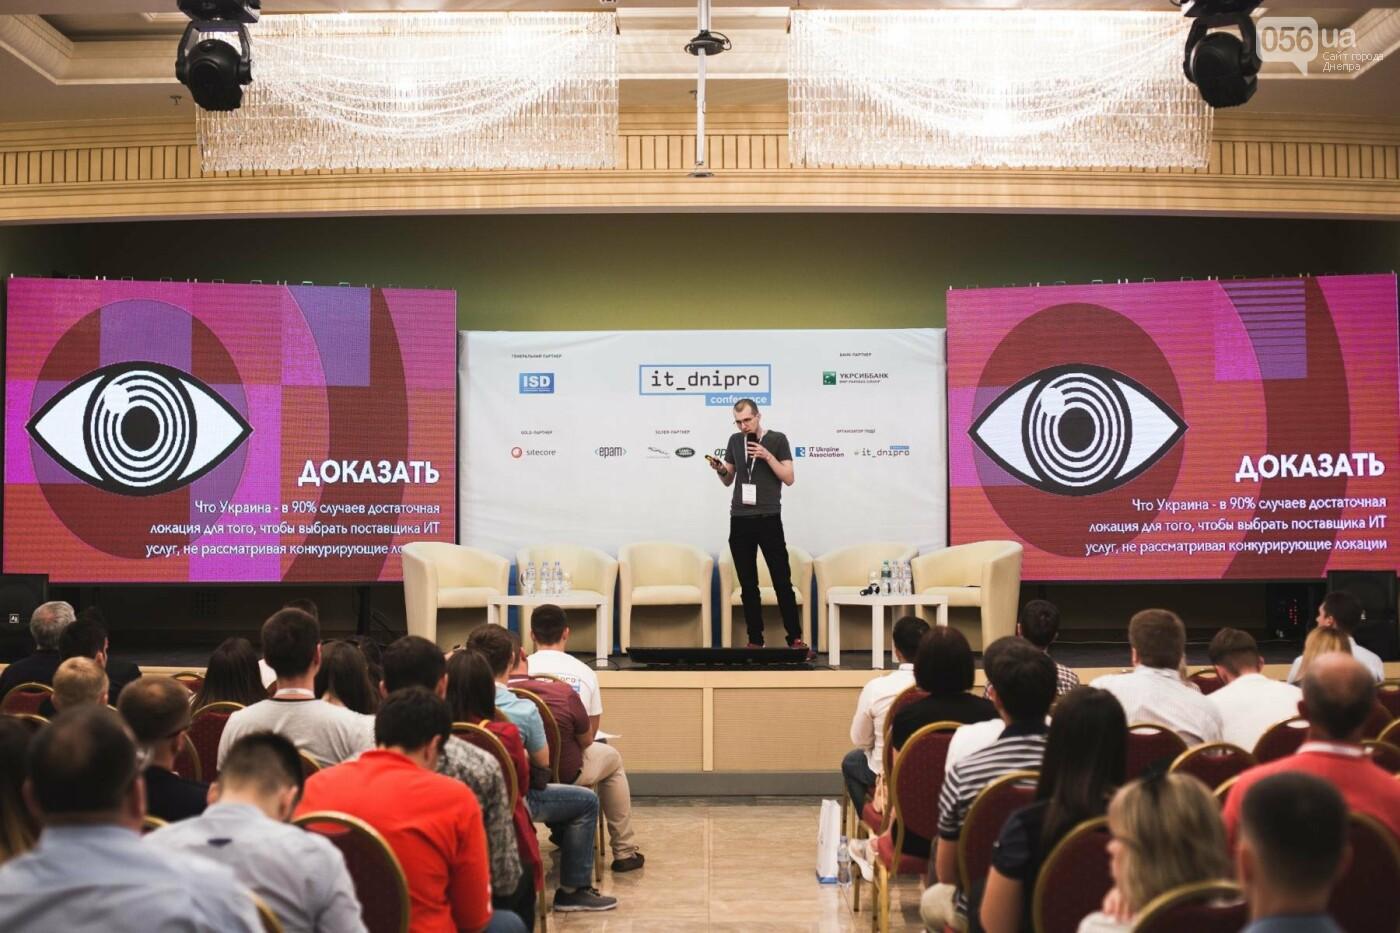 В Днепре прошла бизнес-конференция IT Dnipro Conference: подробности, - ФОТО, фото-19